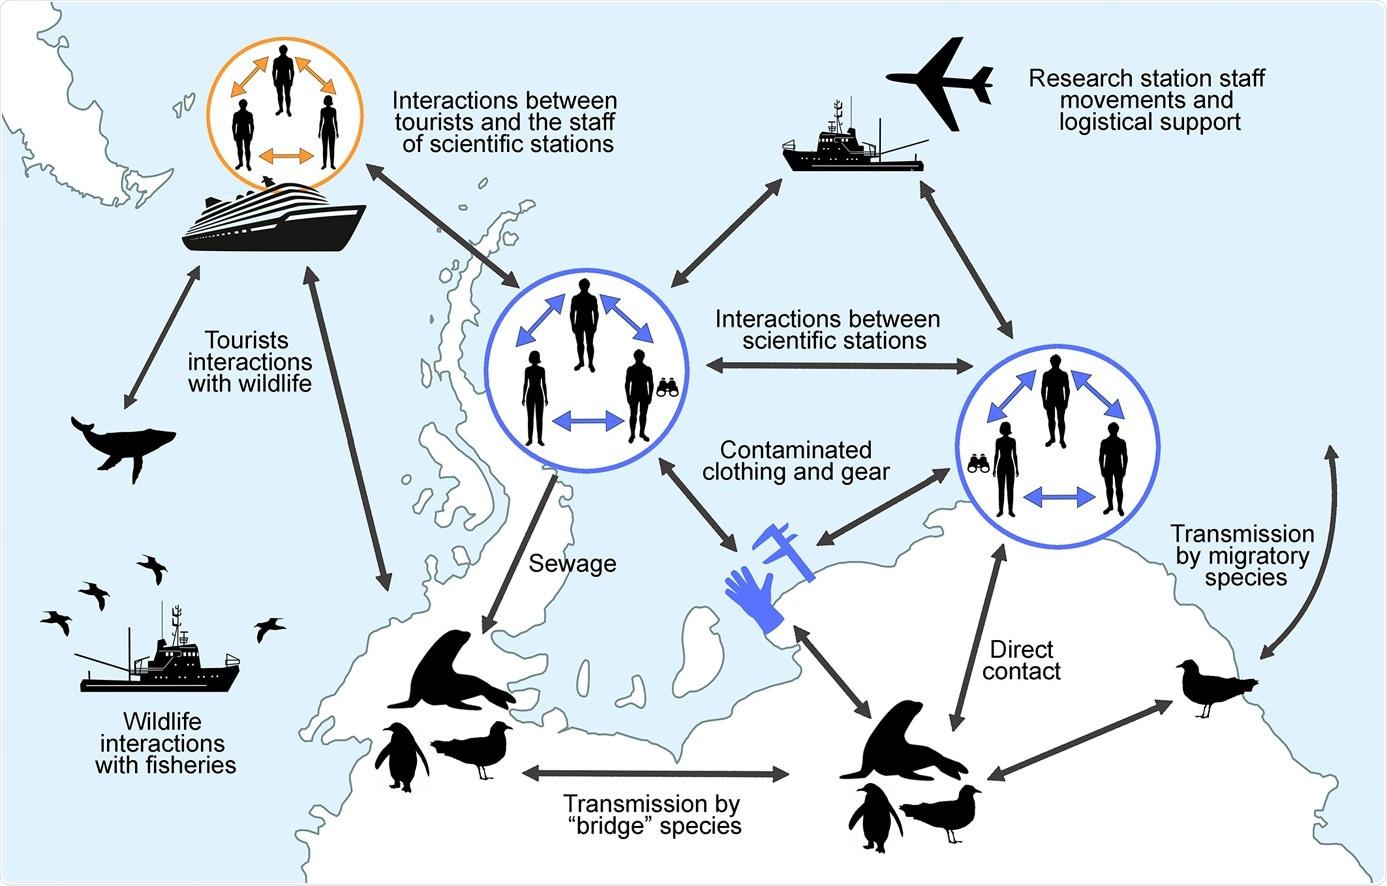 Estudio: Evaluación de riesgos del SARS-CoV-2 en la fauna antártica.